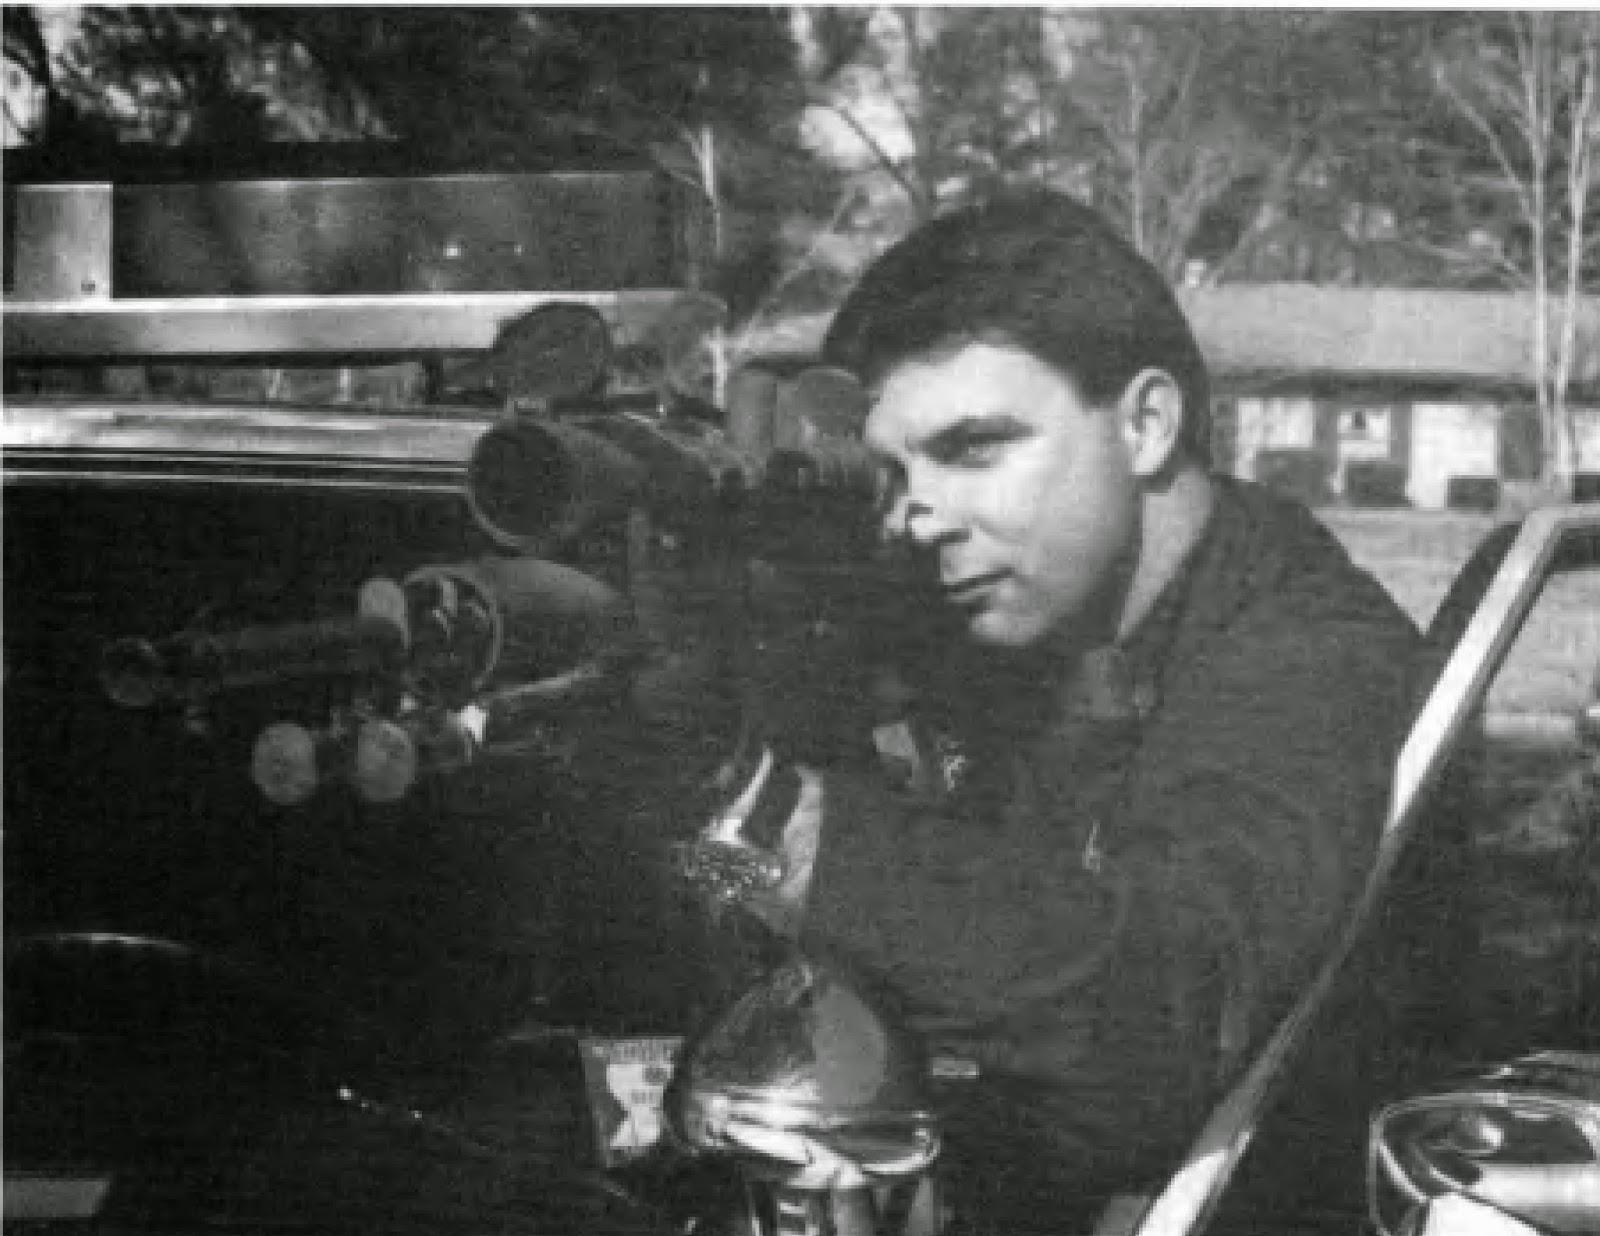 позиция полицейского снайпера